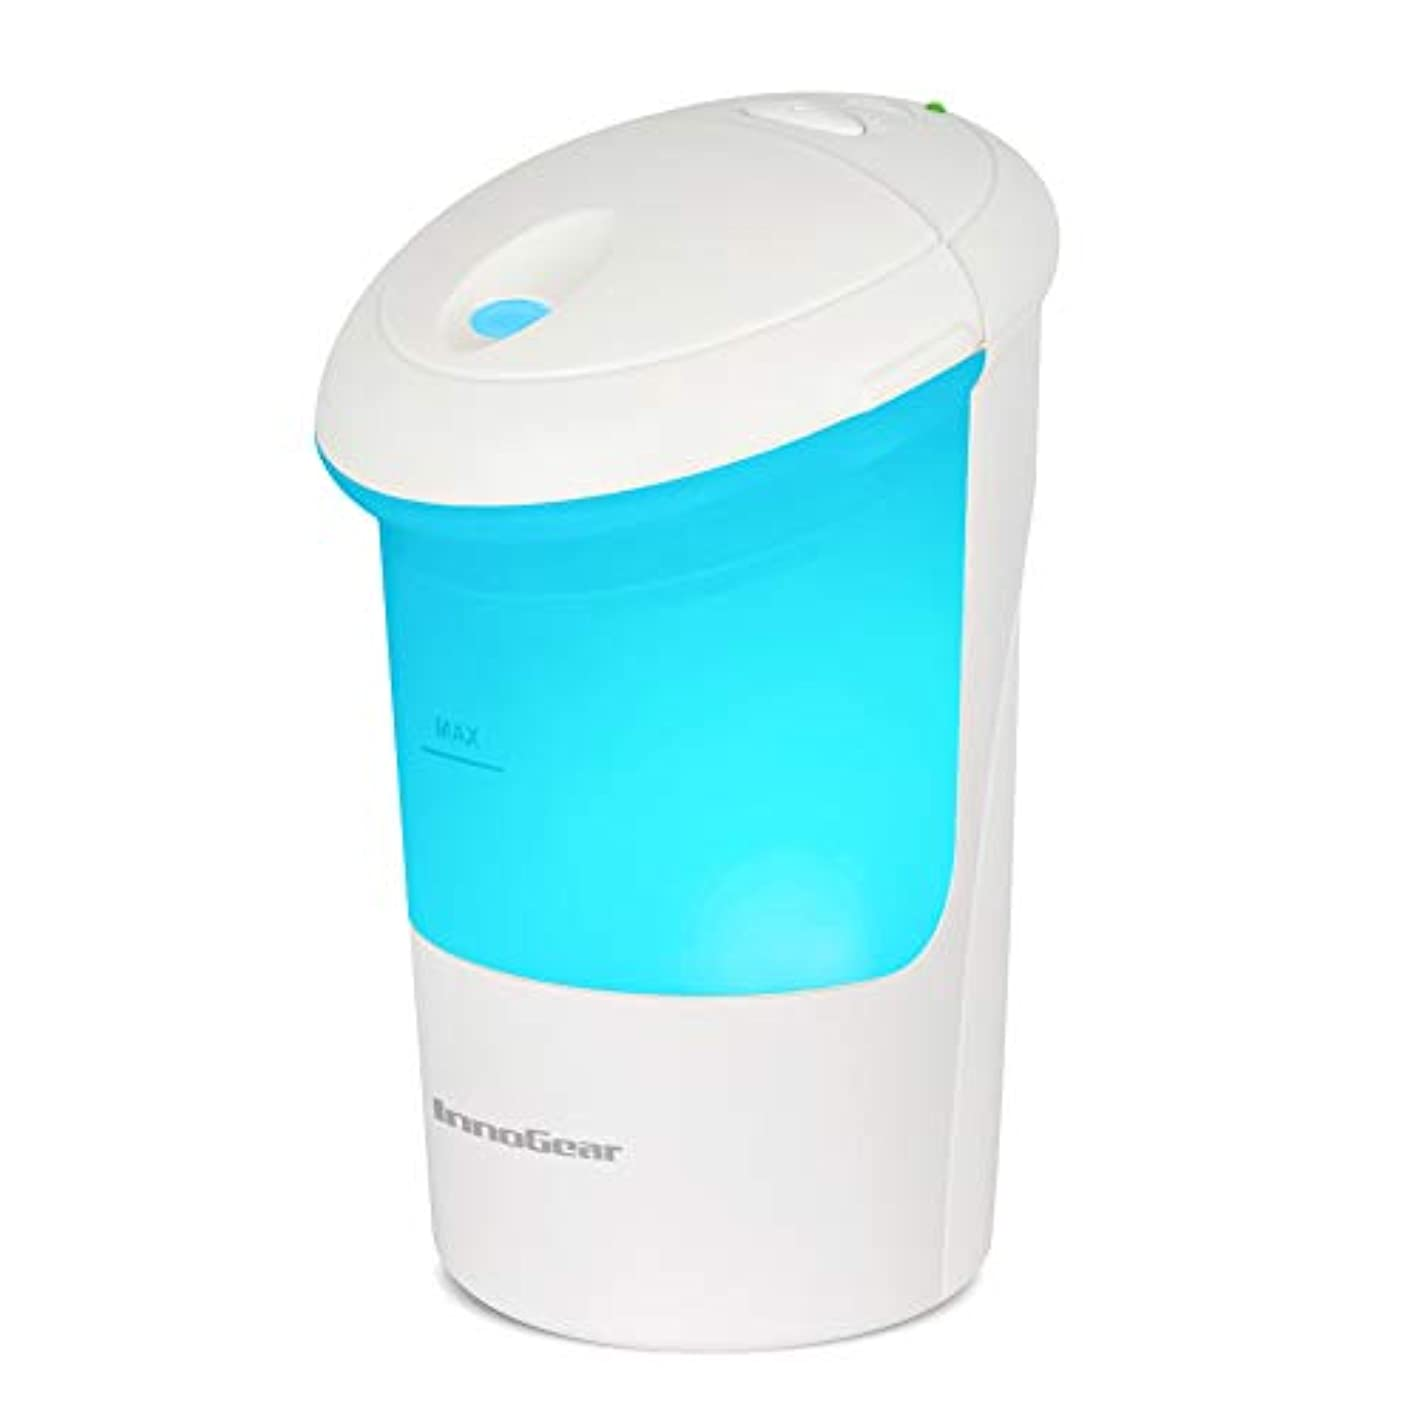 意志ジレンマ餌(White) - InnoGear USB Car Essential Oil Diffuser Air Refresher Ultrasonic Aromatherapy Diffusers with 7 Colourful LED lights for Office Travel Home Vehicle